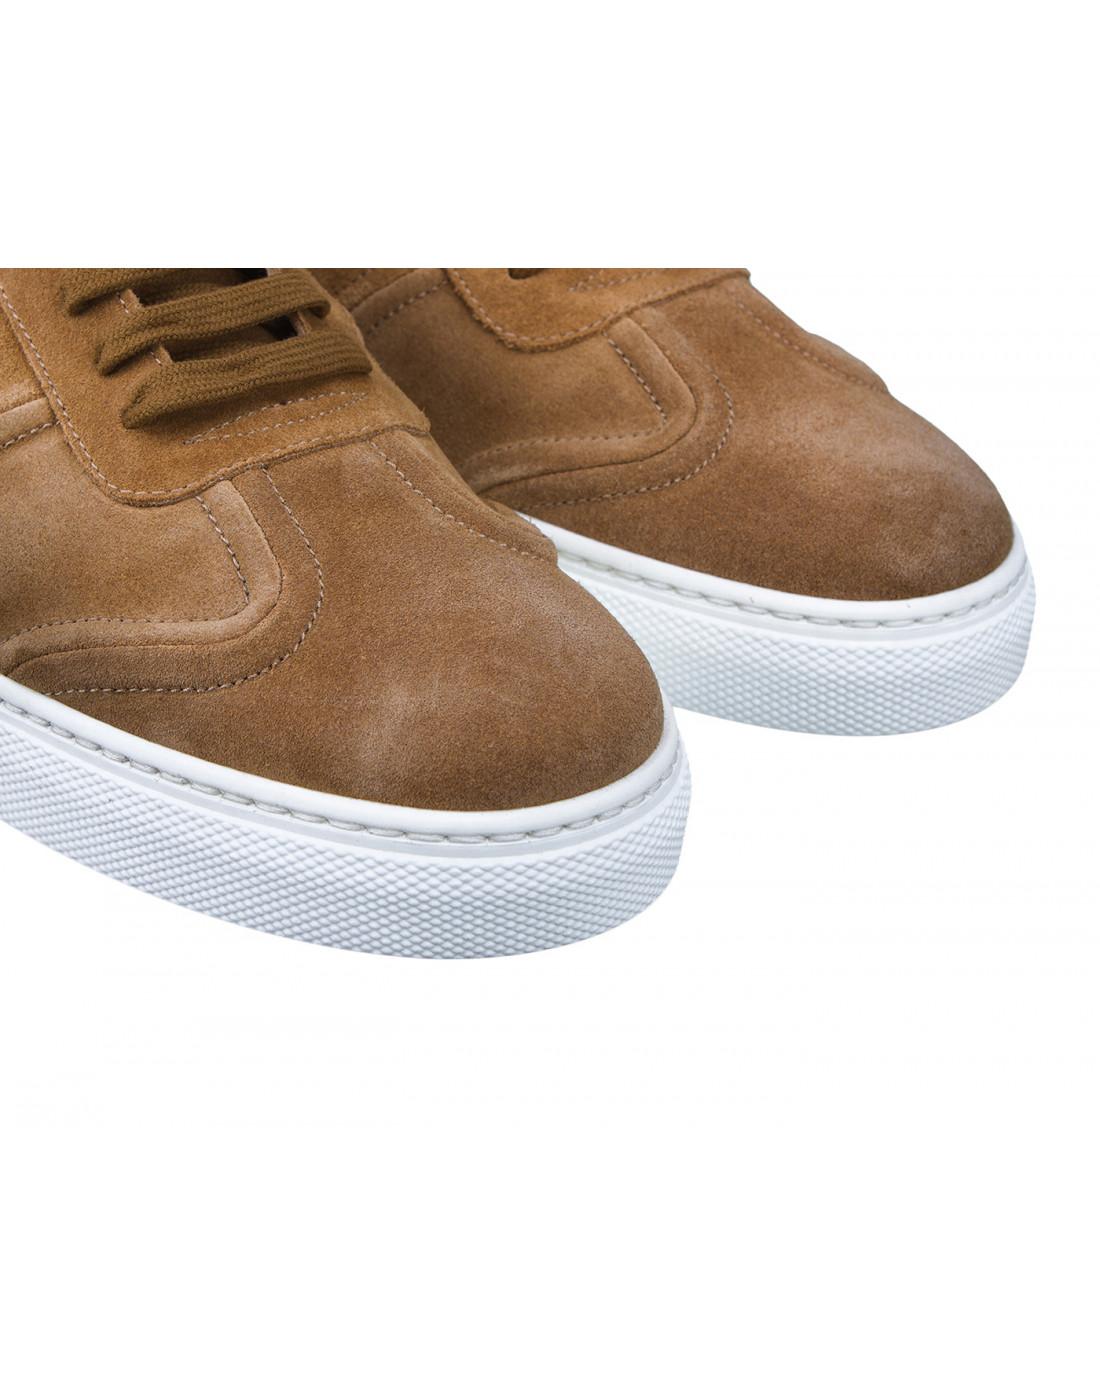 Кроссовки коричневые мужские Stokton S532-4